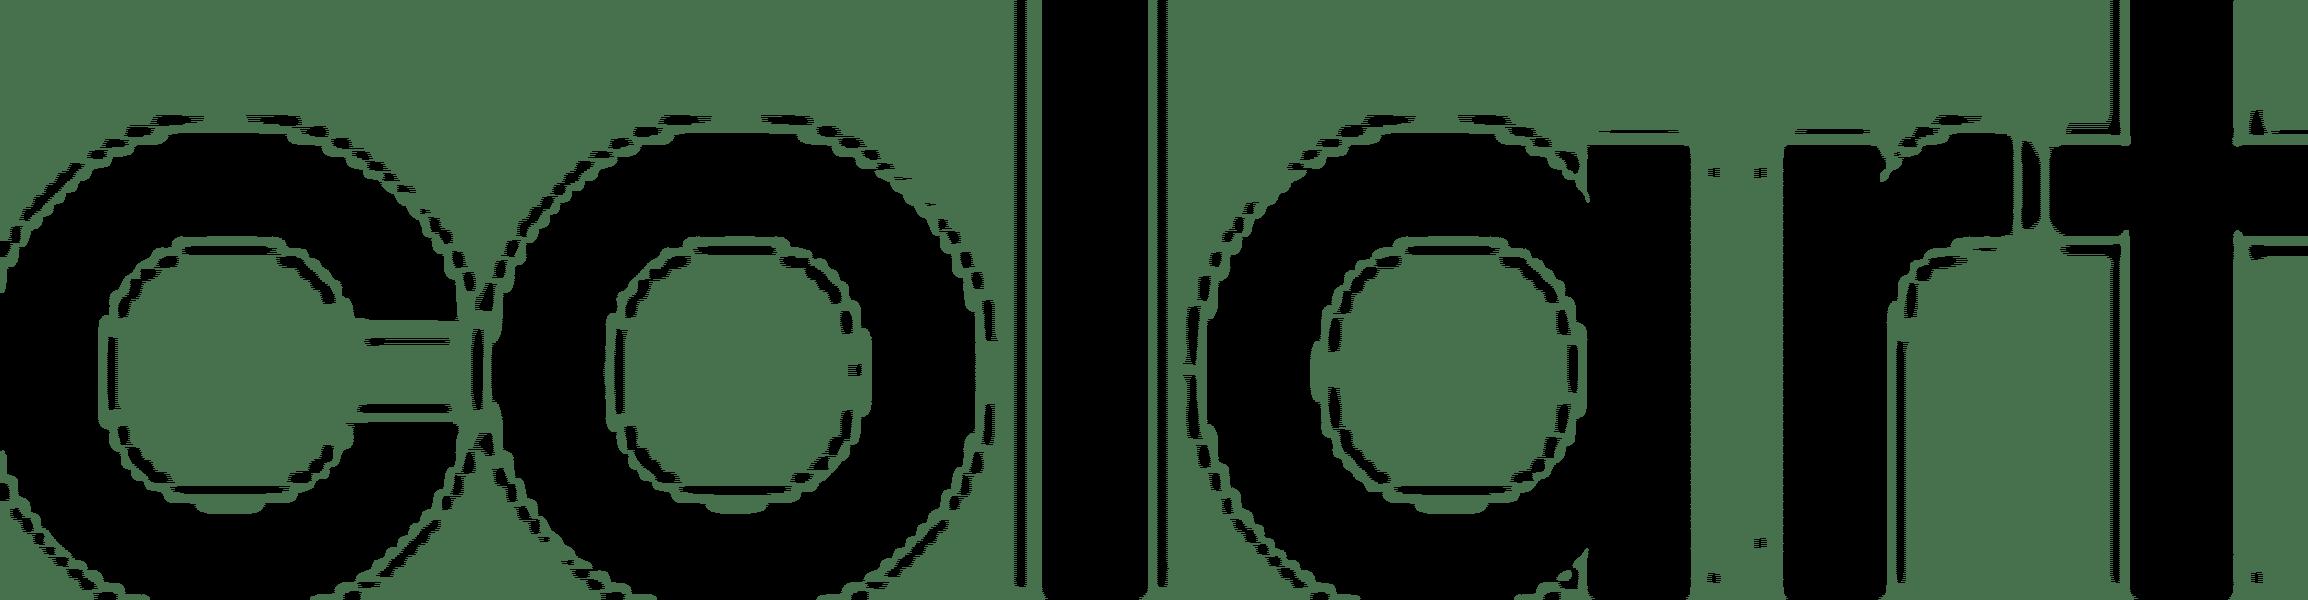 VWO Was Colart's First Choice As An Optimization Platform